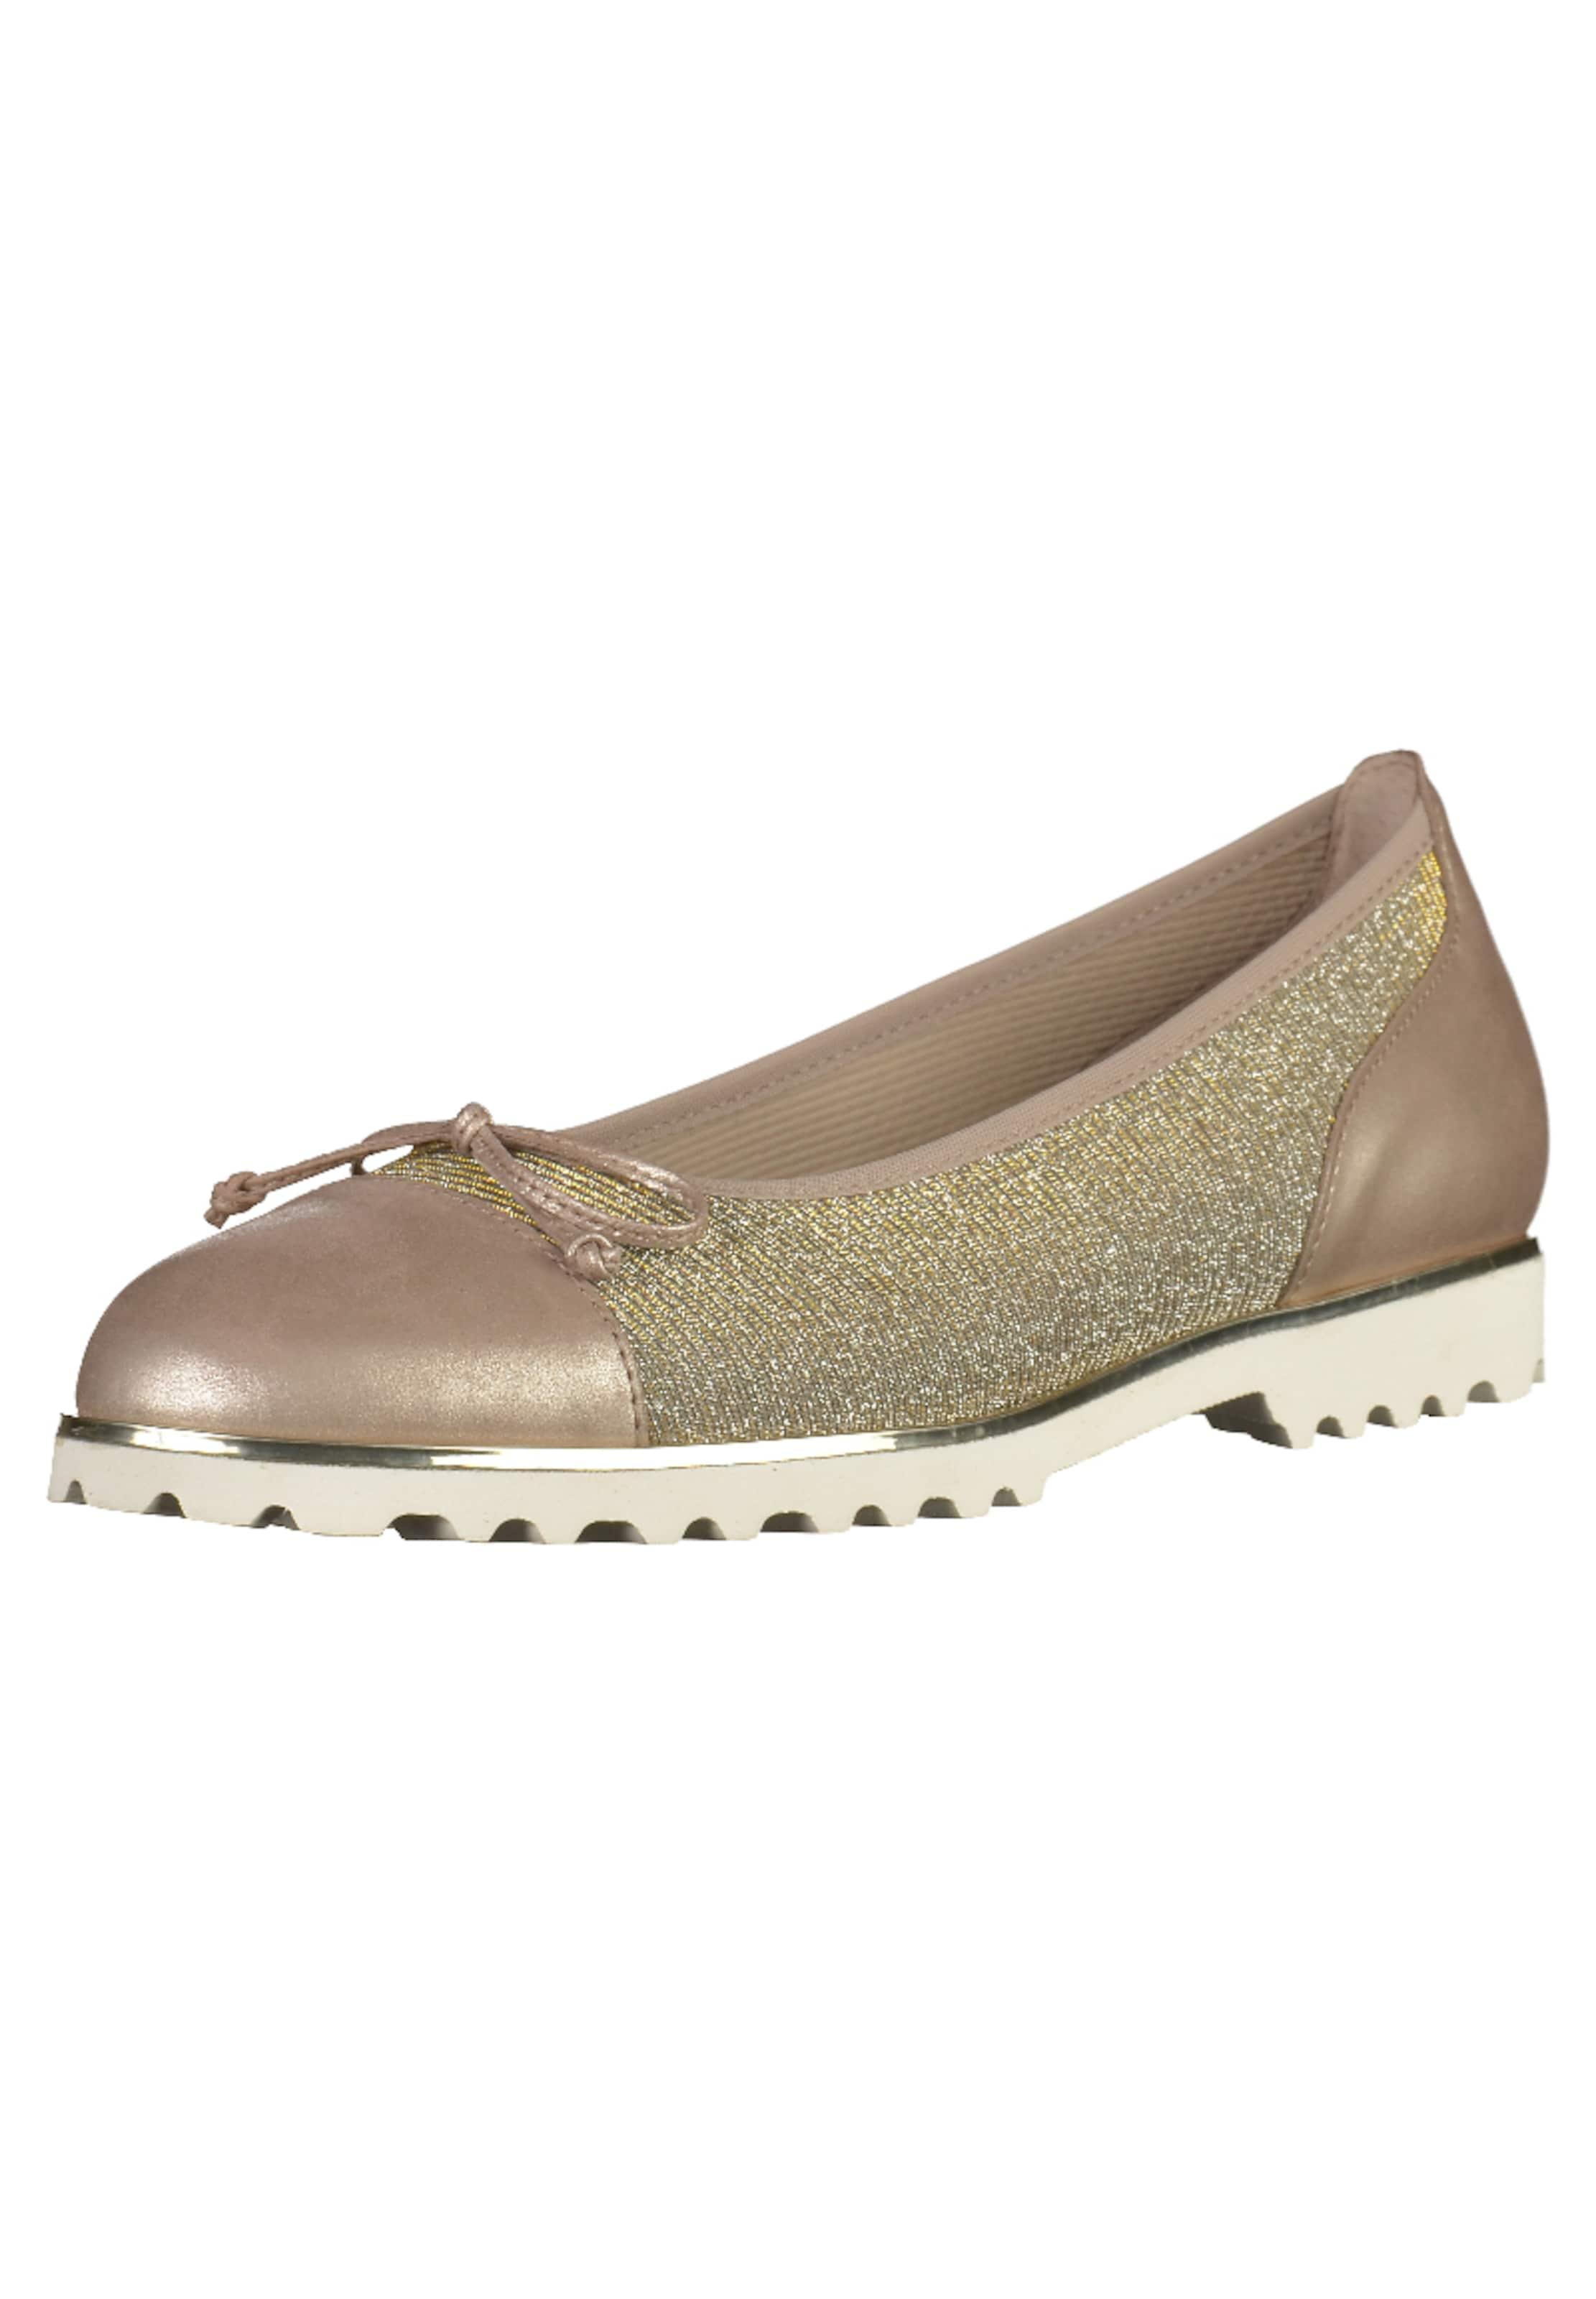 GABOR Ballerinas Günstige und langlebige Schuhe